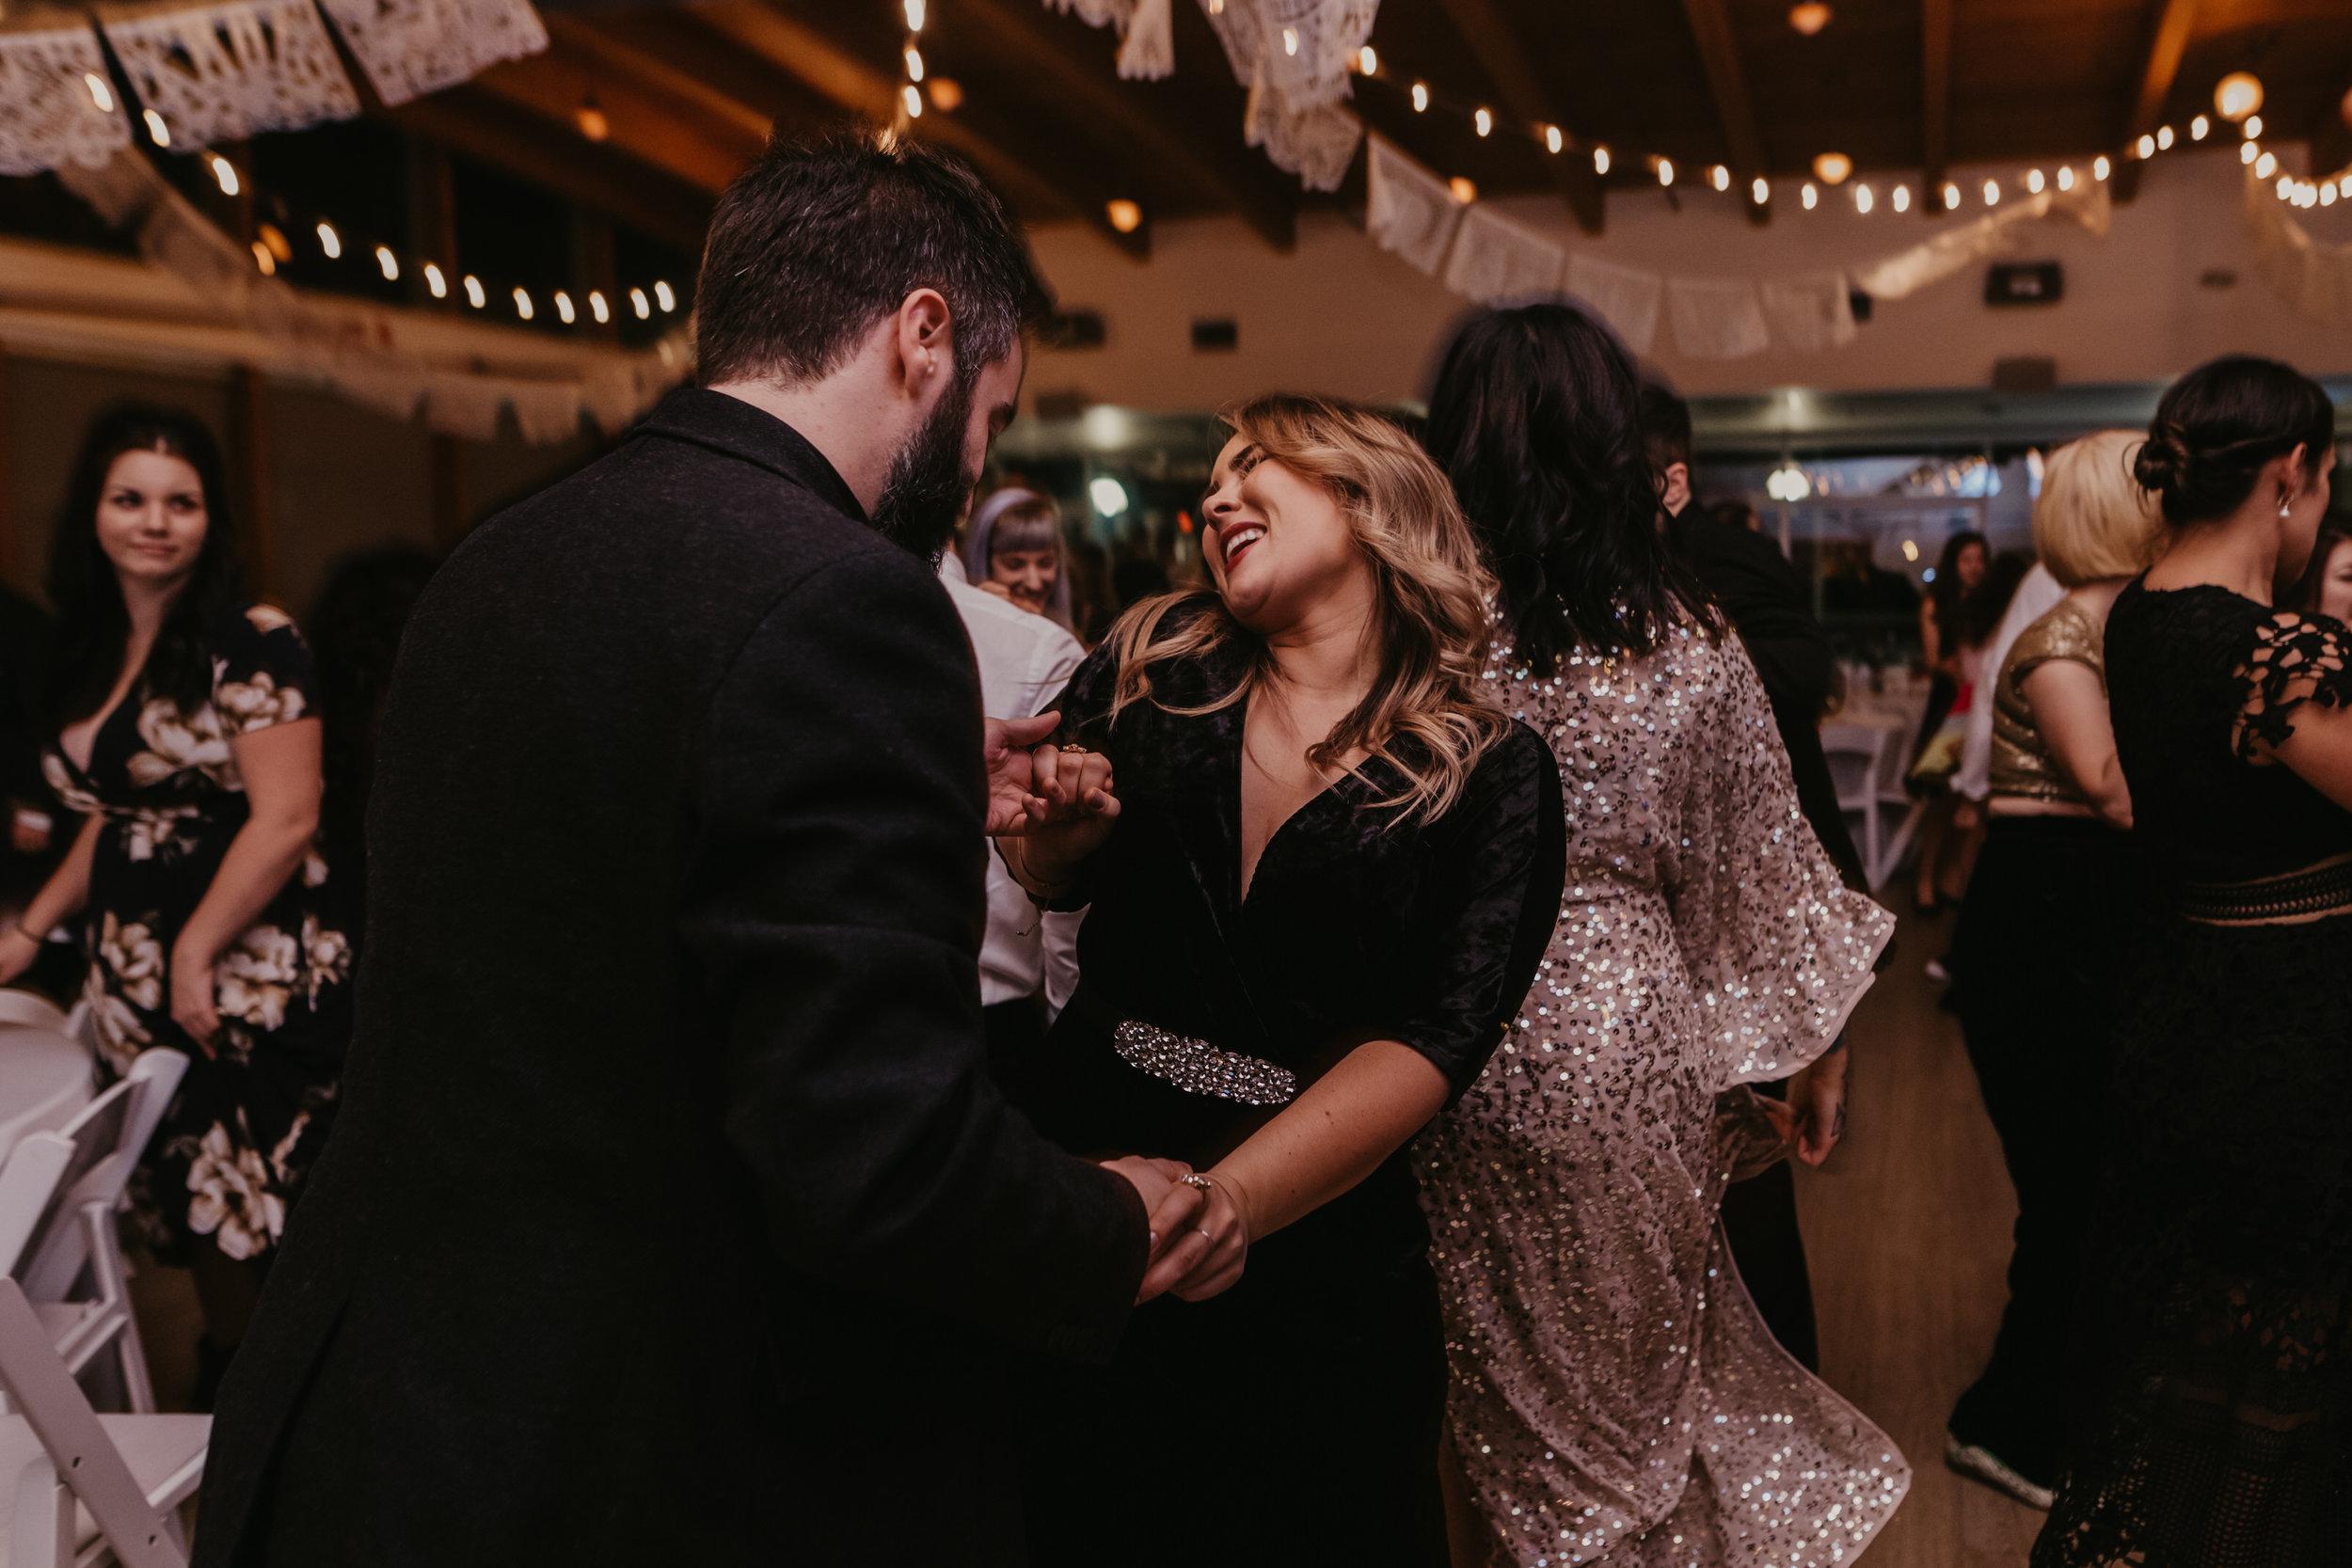 Vancouver New Years Eve Wedding - UBC Boathouse Wedding - Kitsilano Wedding Photos - Vancouver Wedding Photographer - Vancouver Wedding Videographer - 885.JPG